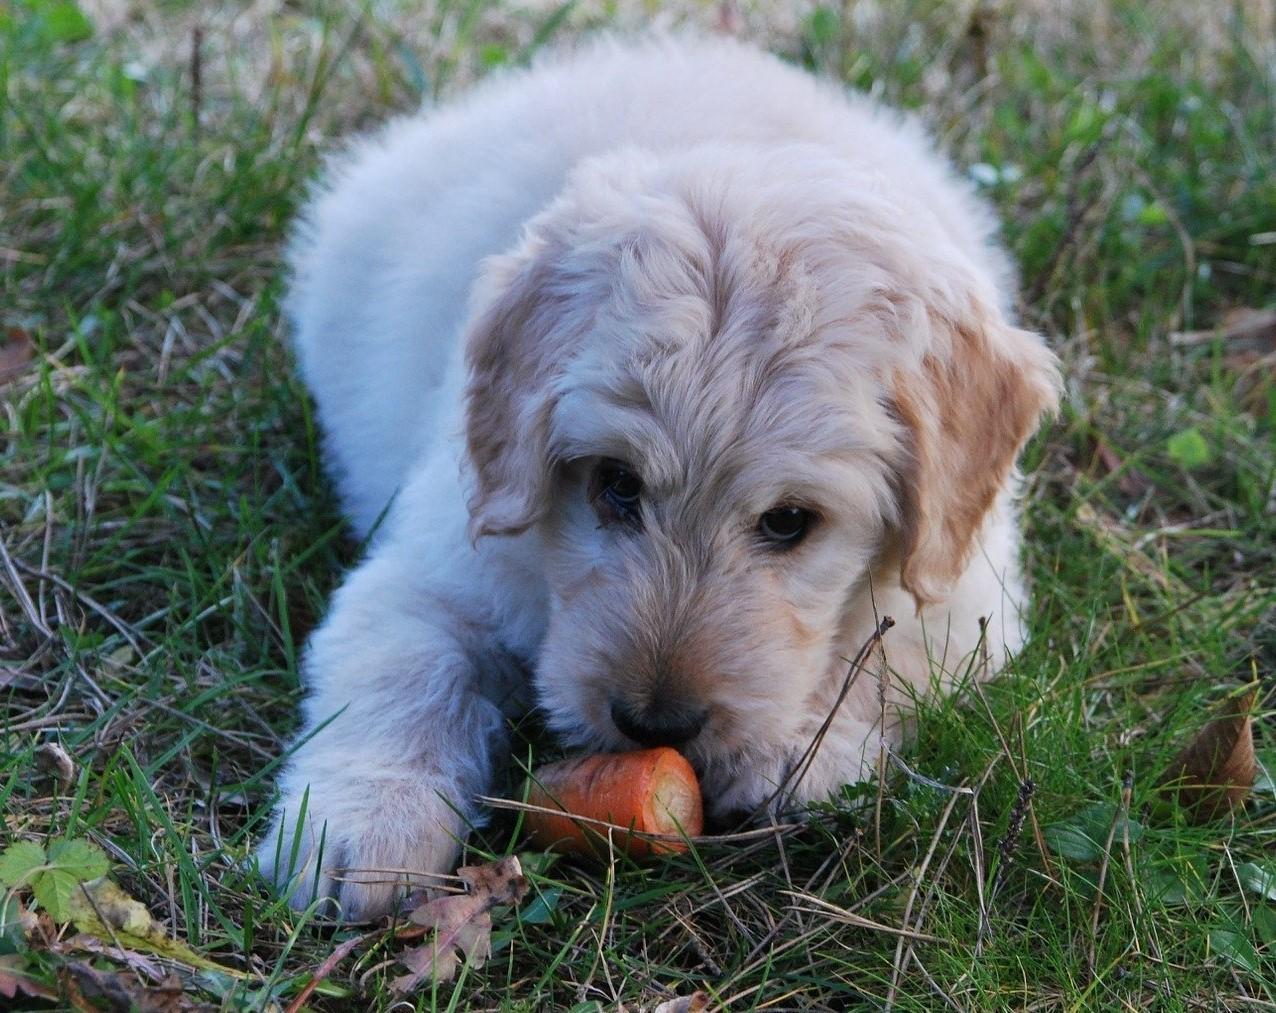 alimentacao natural - Petiscos saudáveis para cães: na onda da alimentação natural